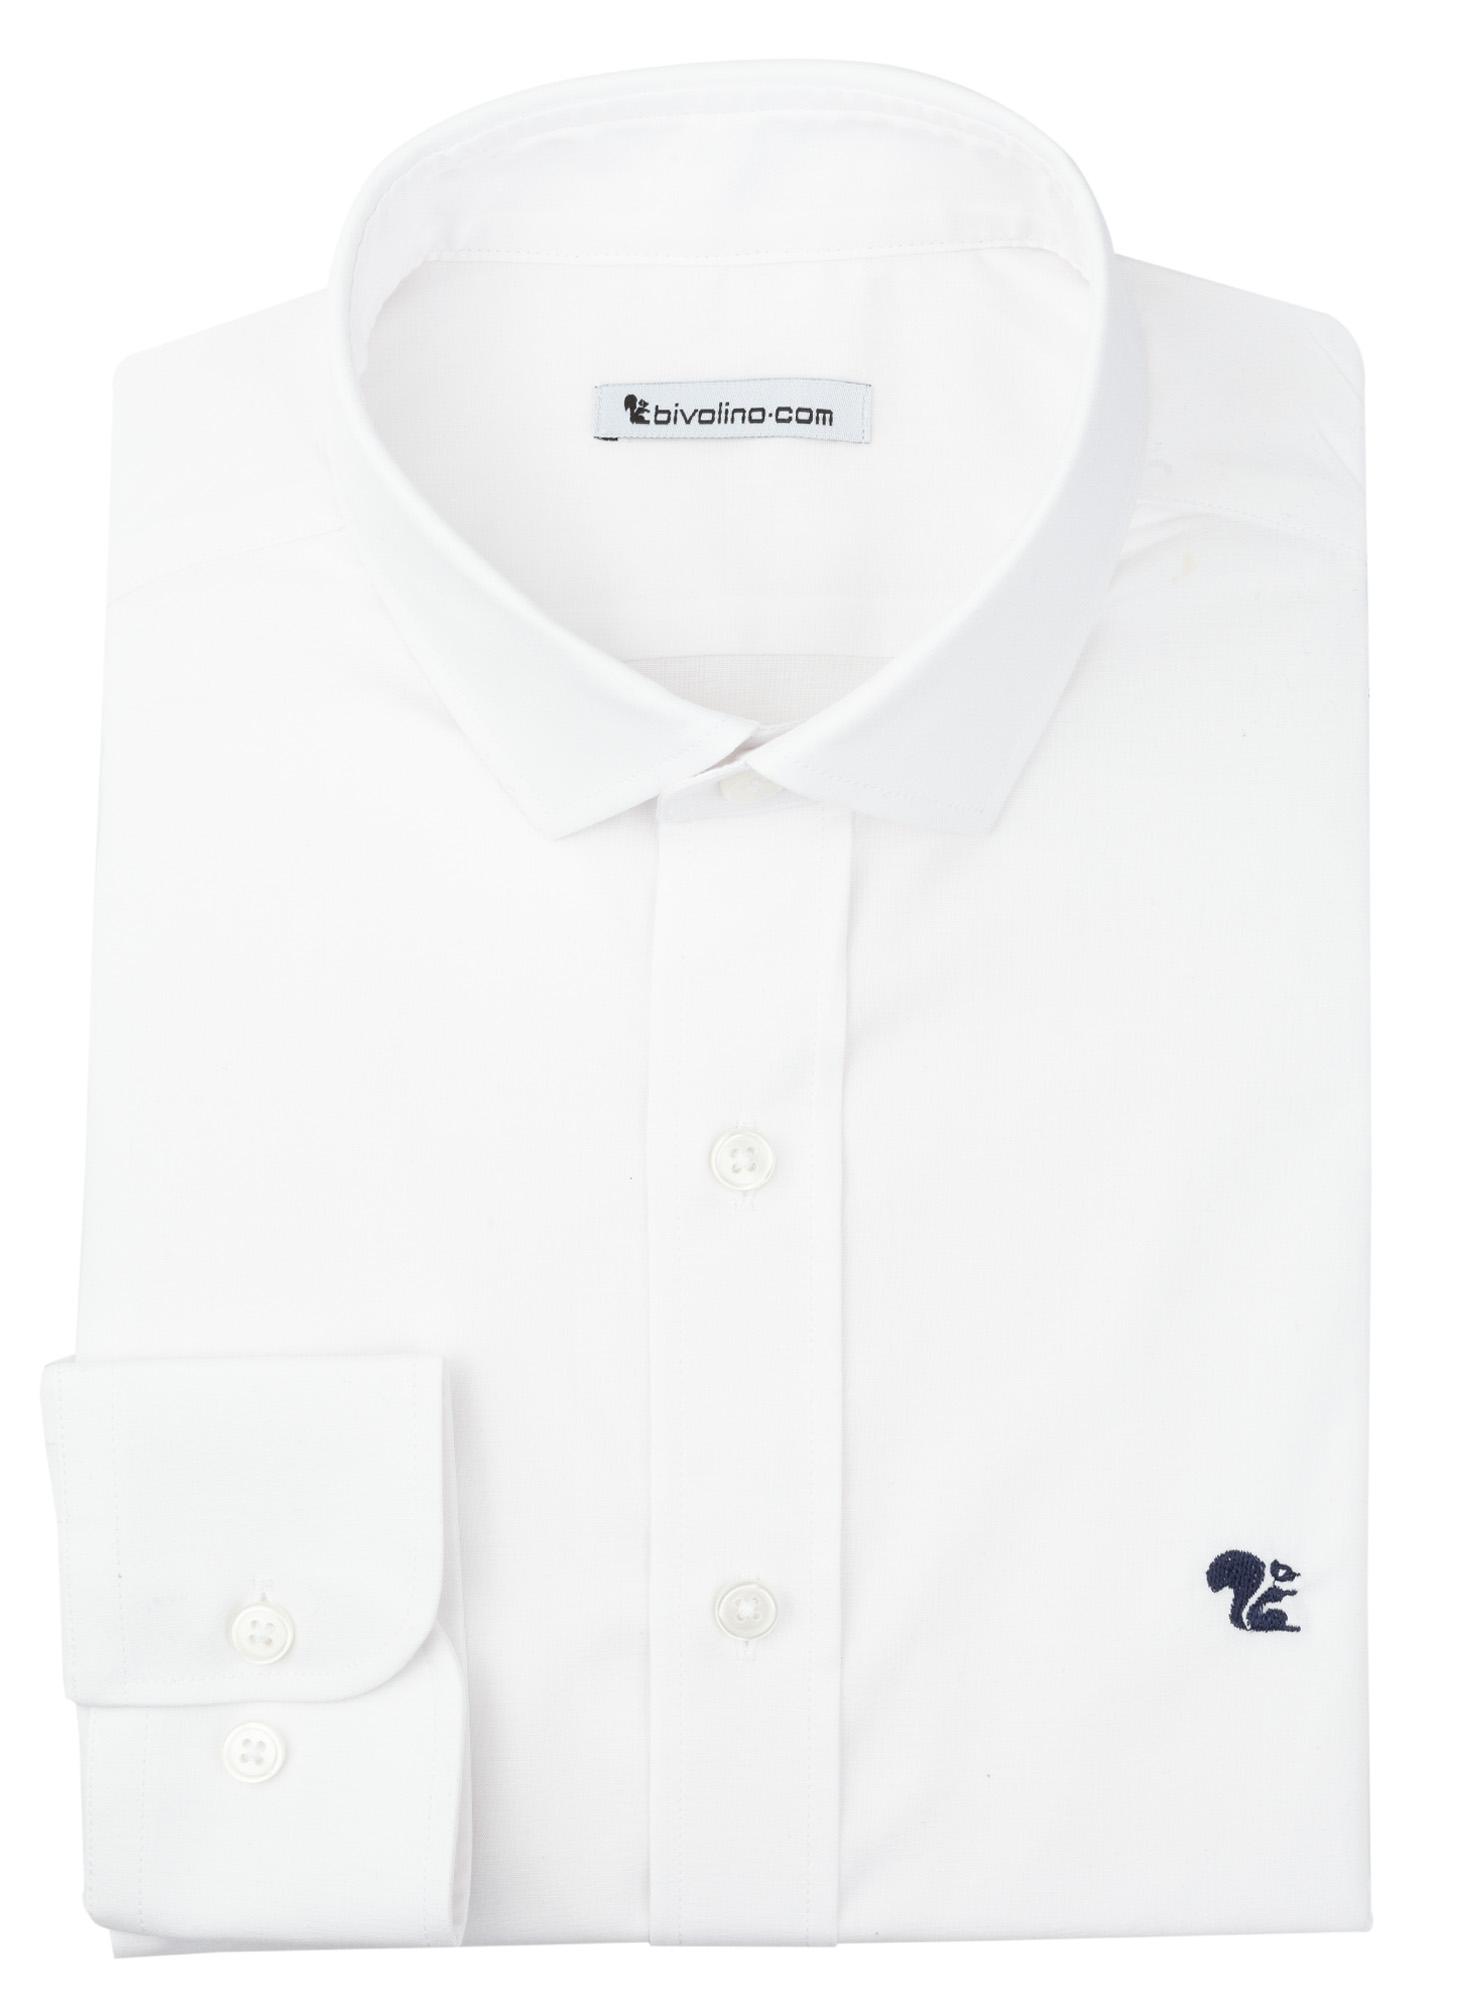 LICABRIANO - Cotton Stretch Men's Shirt  - Reso 2